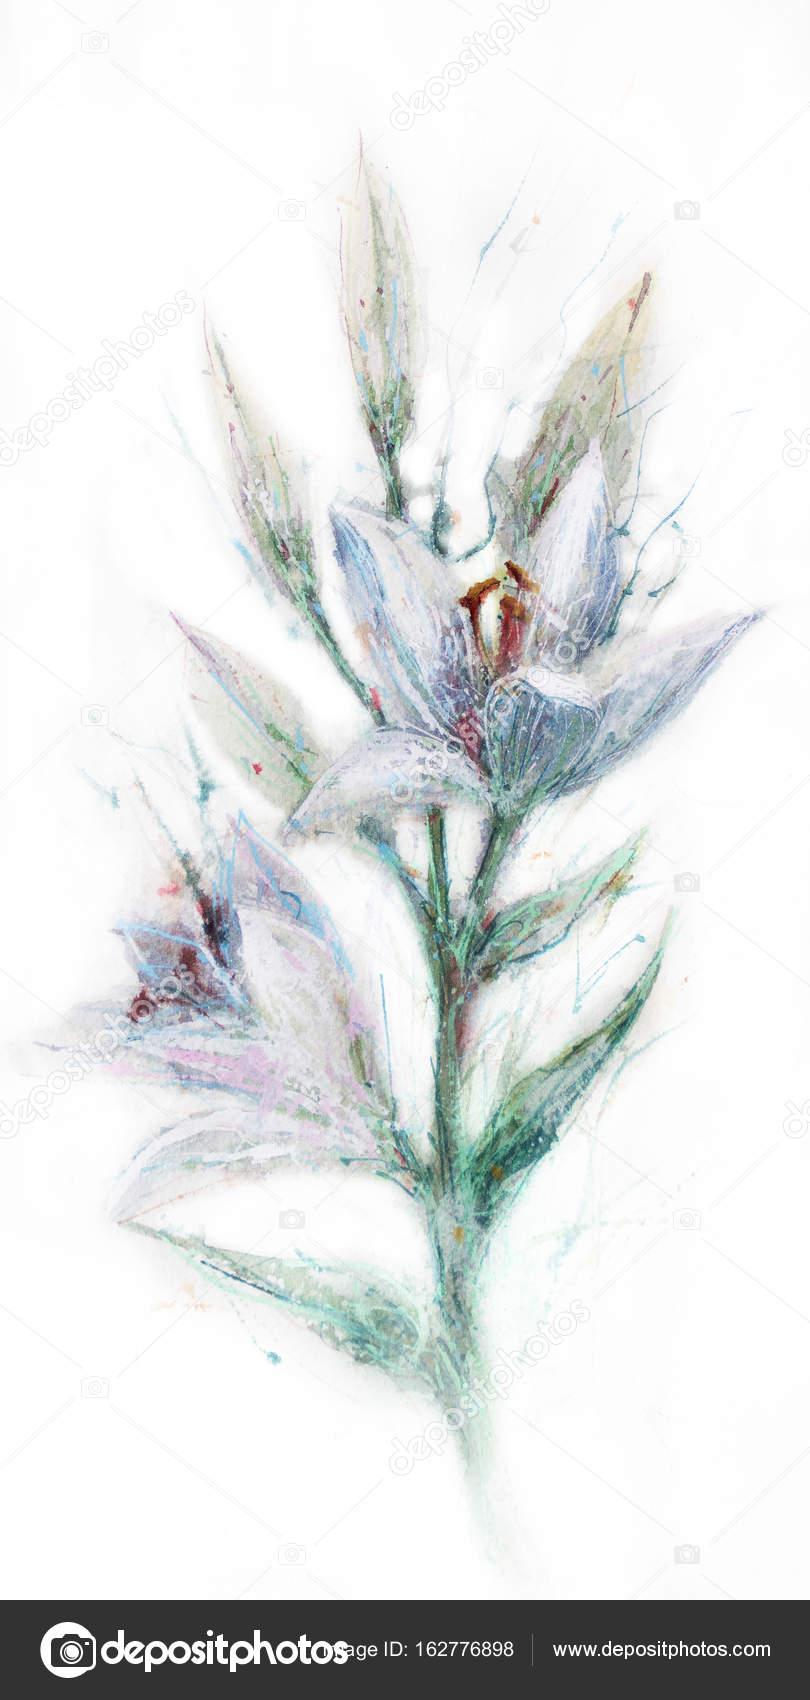 Dessin Fleur Lys Photographie Mir A C 162776898